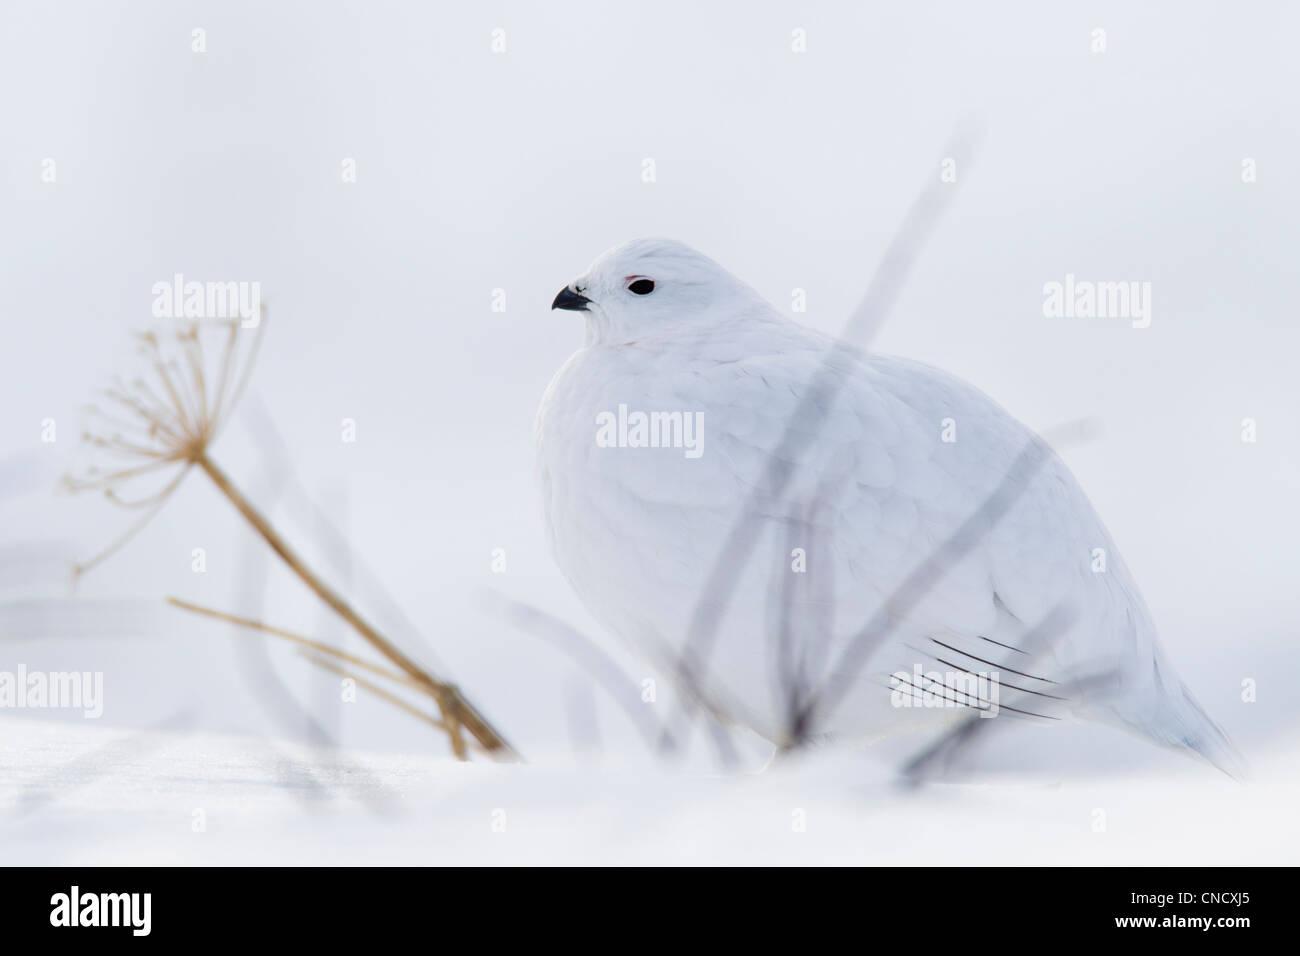 Willow Ptarmigan in bianco inverno piumaggio seduti dietro rami spogli su snowpack, Chugach Mountains, Alaska, inverno Foto Stock